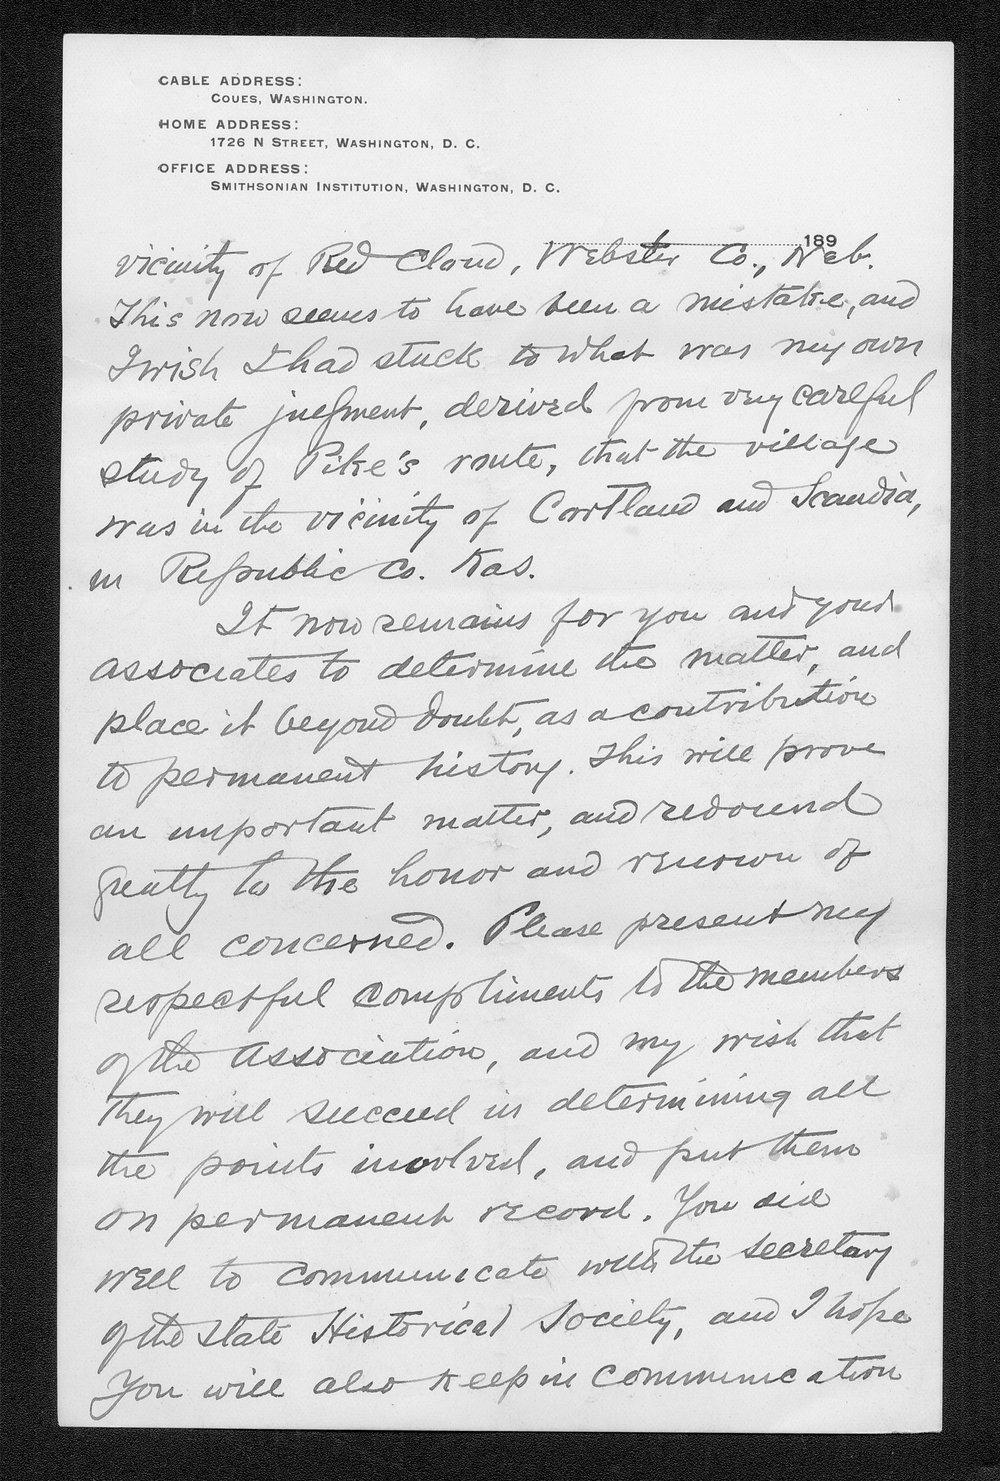 Zebulon Pike trip and Pawnee Indian Village correspondence - 2